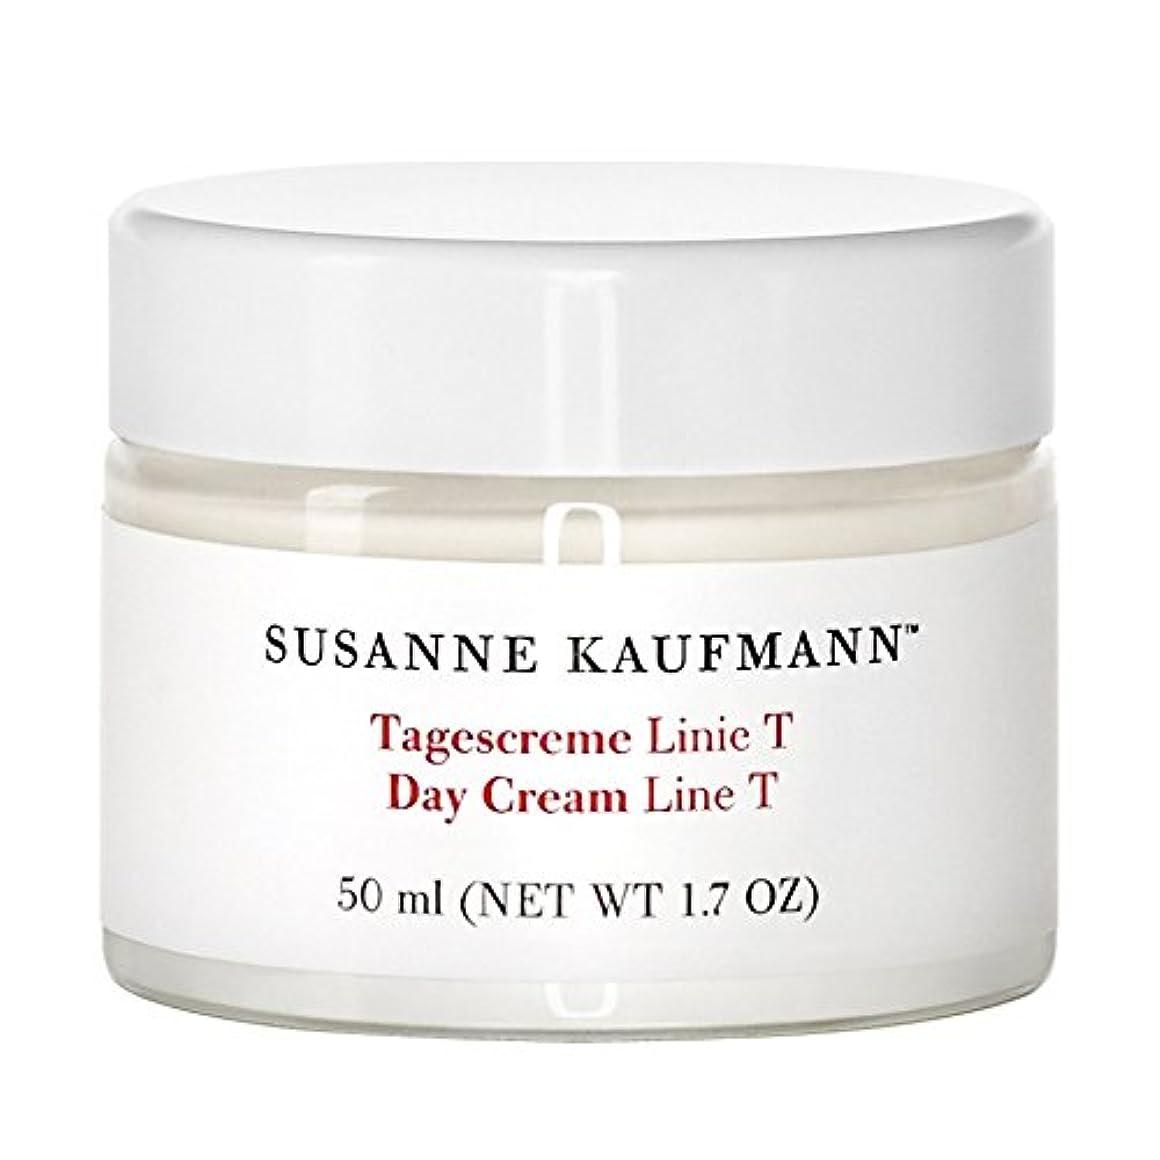 スザンヌカウフマン日クリームライントンの50ミリリットル x2 - Susanne Kaufmann Day Cream Line T 50ml (Pack of 2) [並行輸入品]